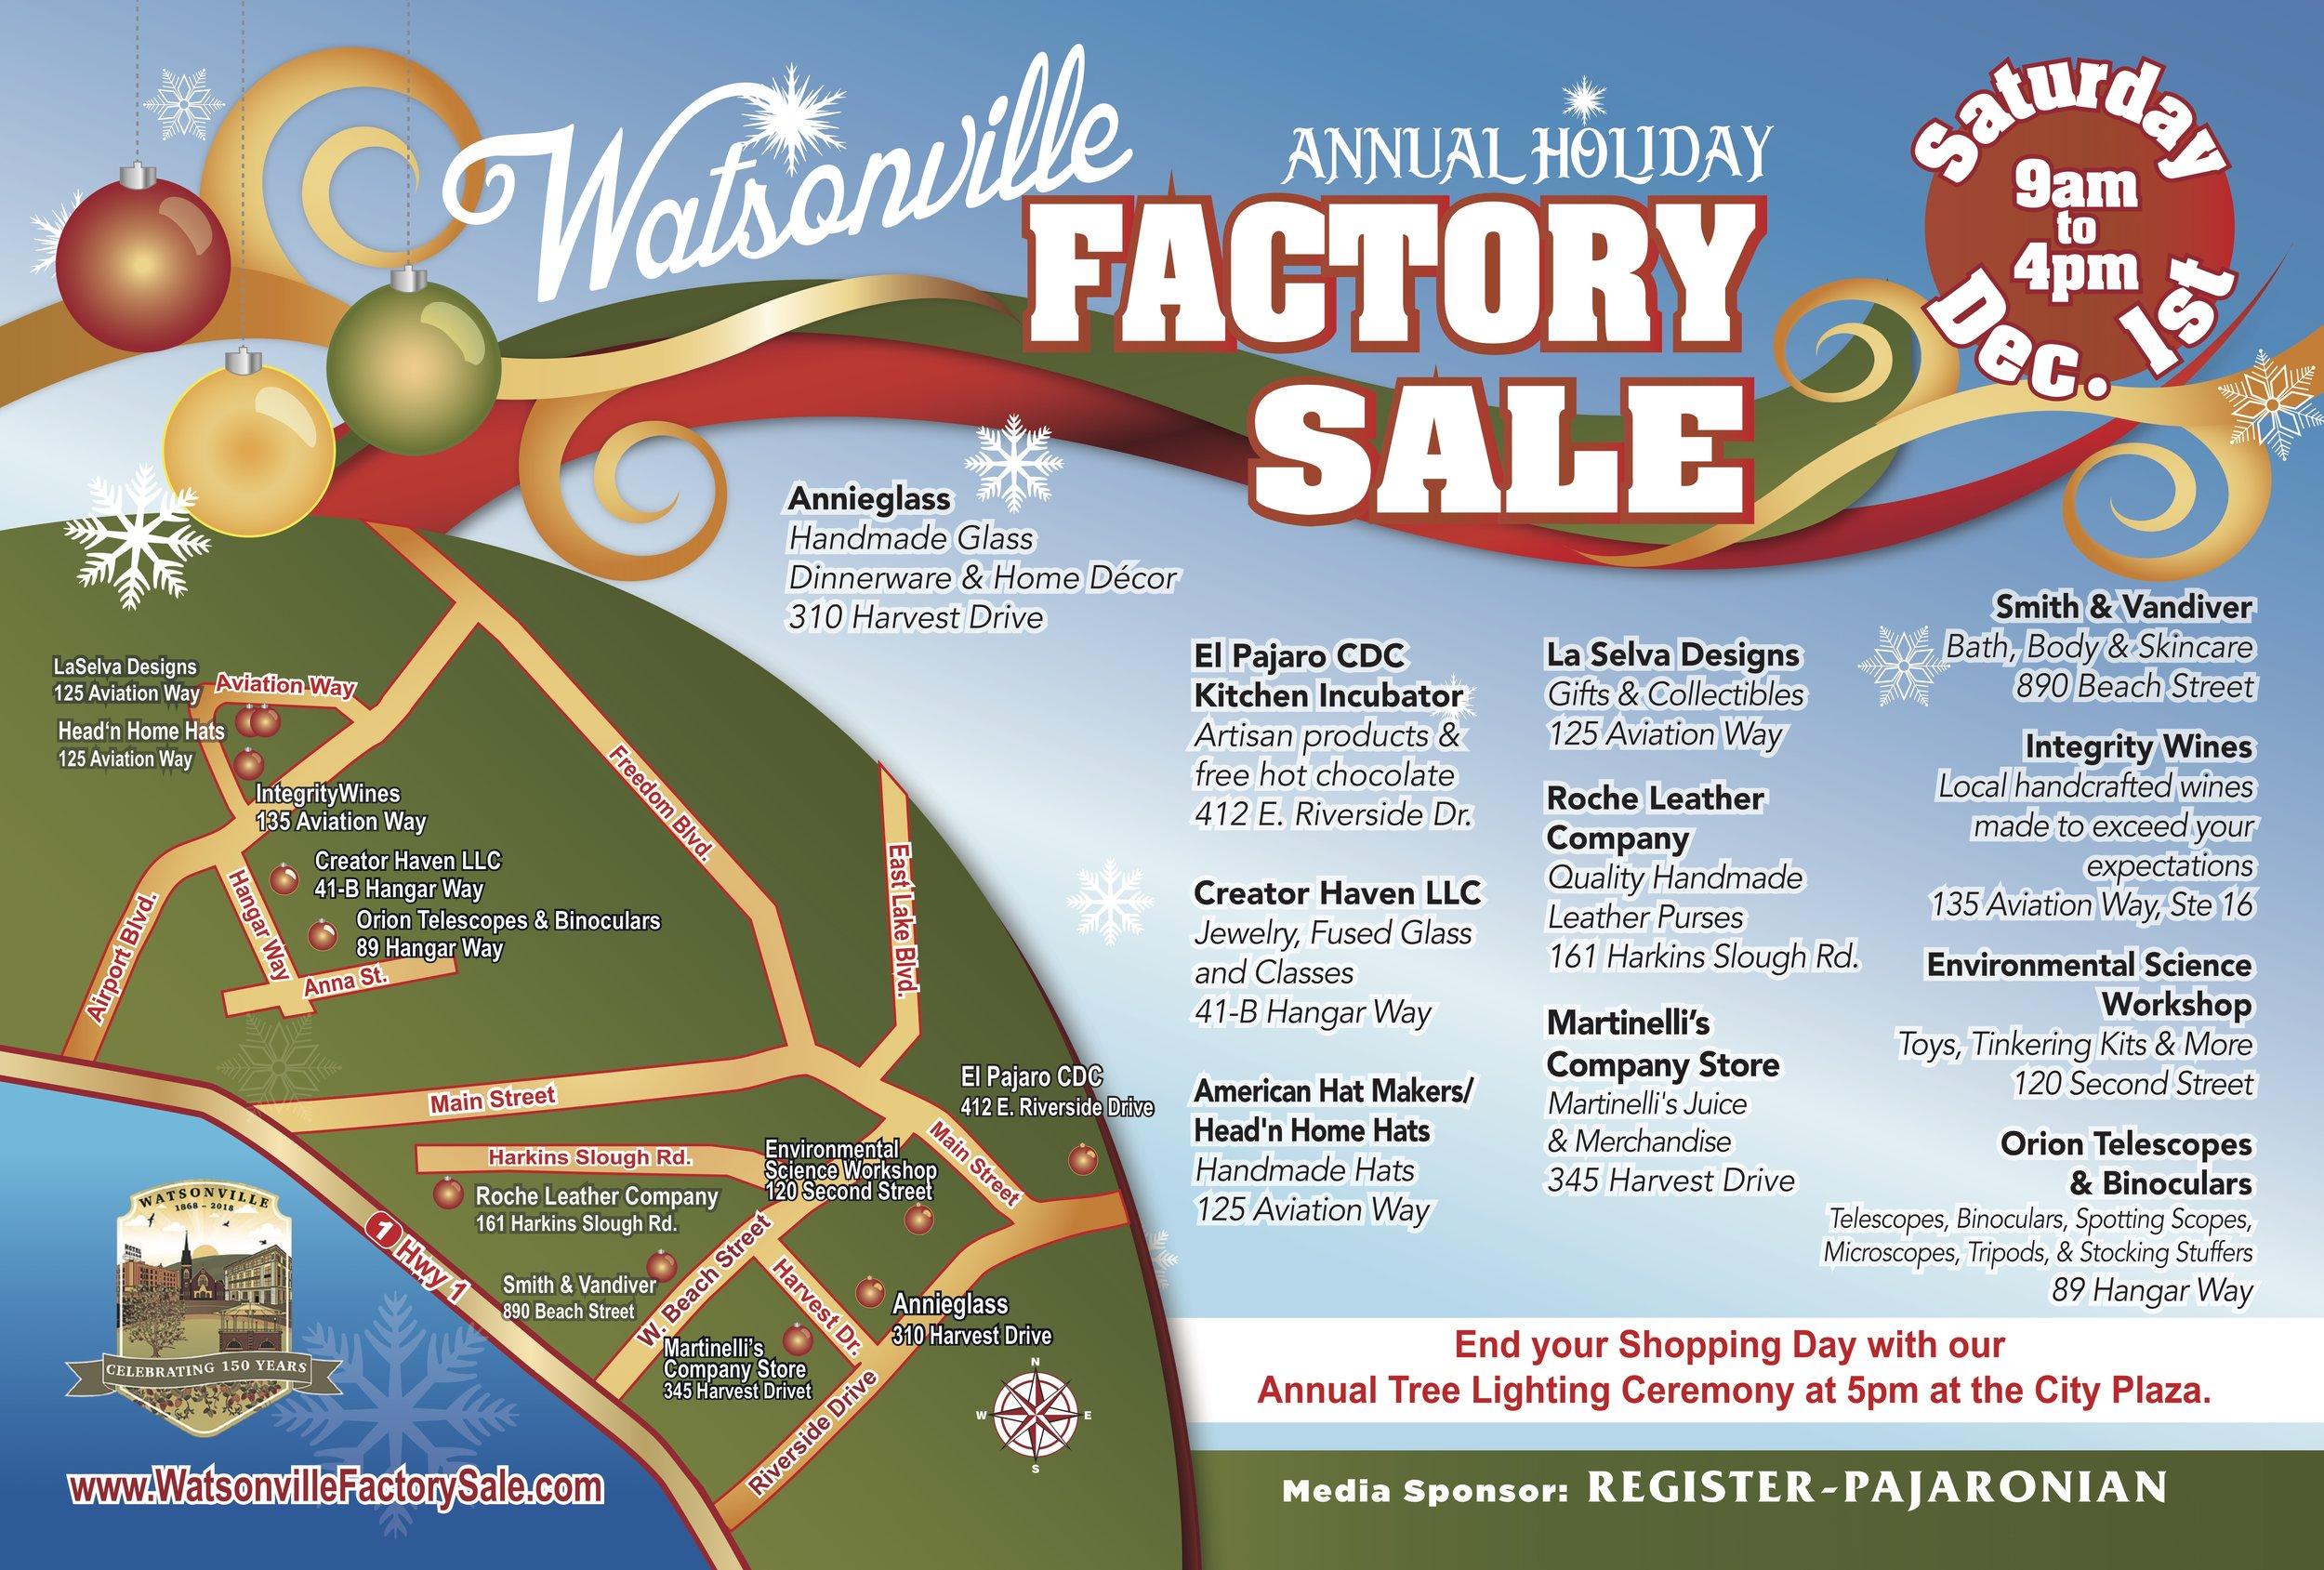 Watsonville Factory Sale_FINAL_2018.jpg